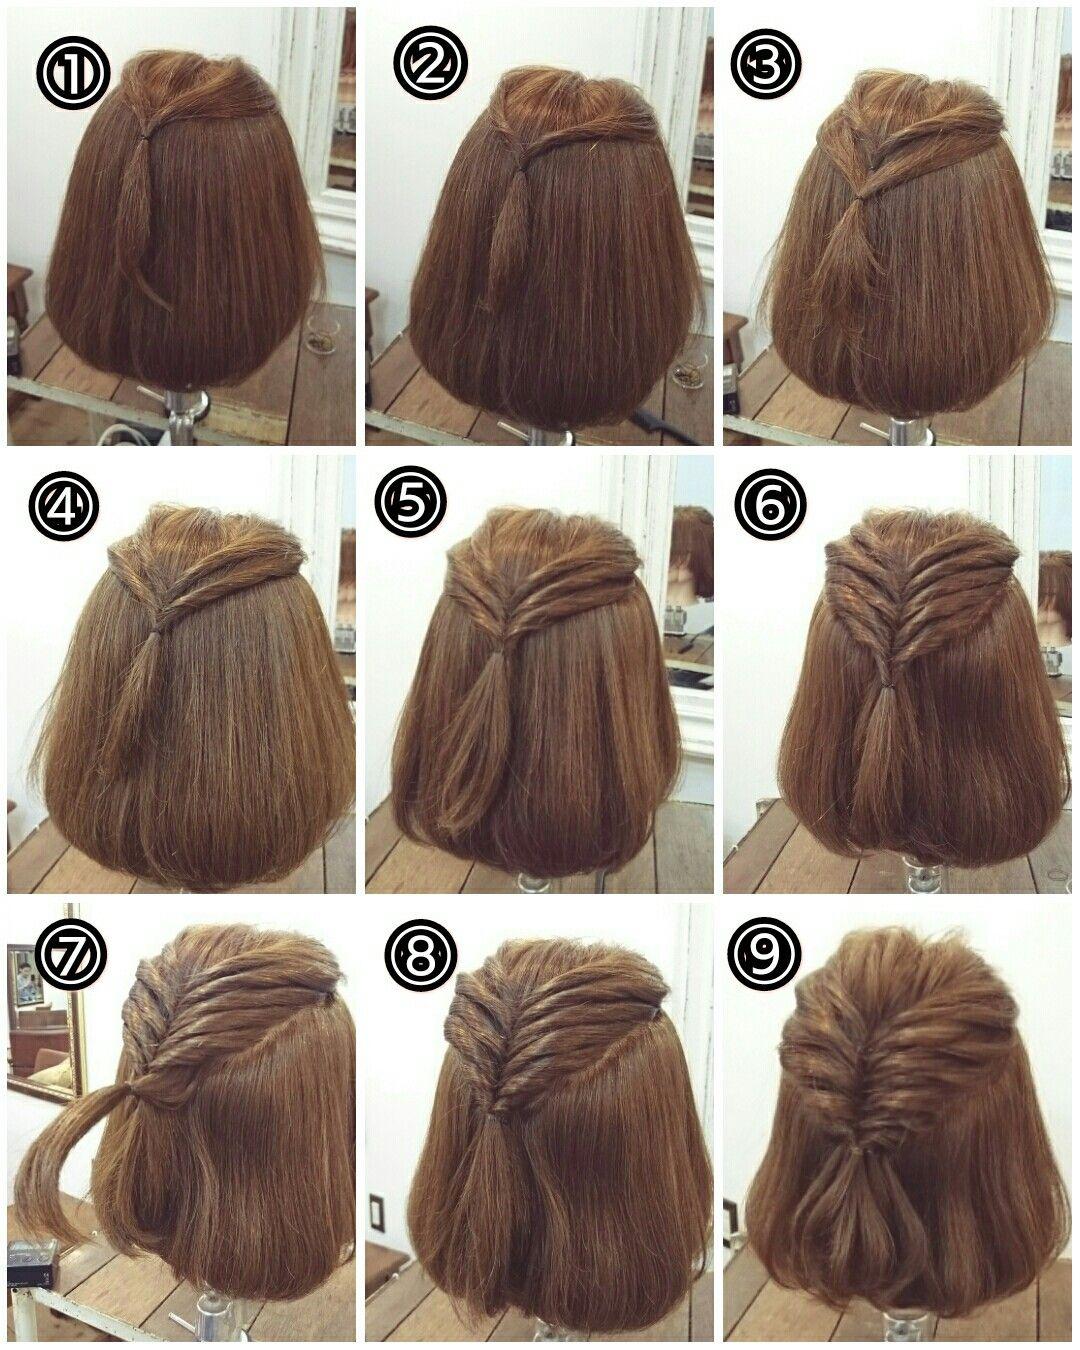 Mums Hair Penteado Cabelo Curto Penteados Com Tranca Penteado Simples Cabelo Medio